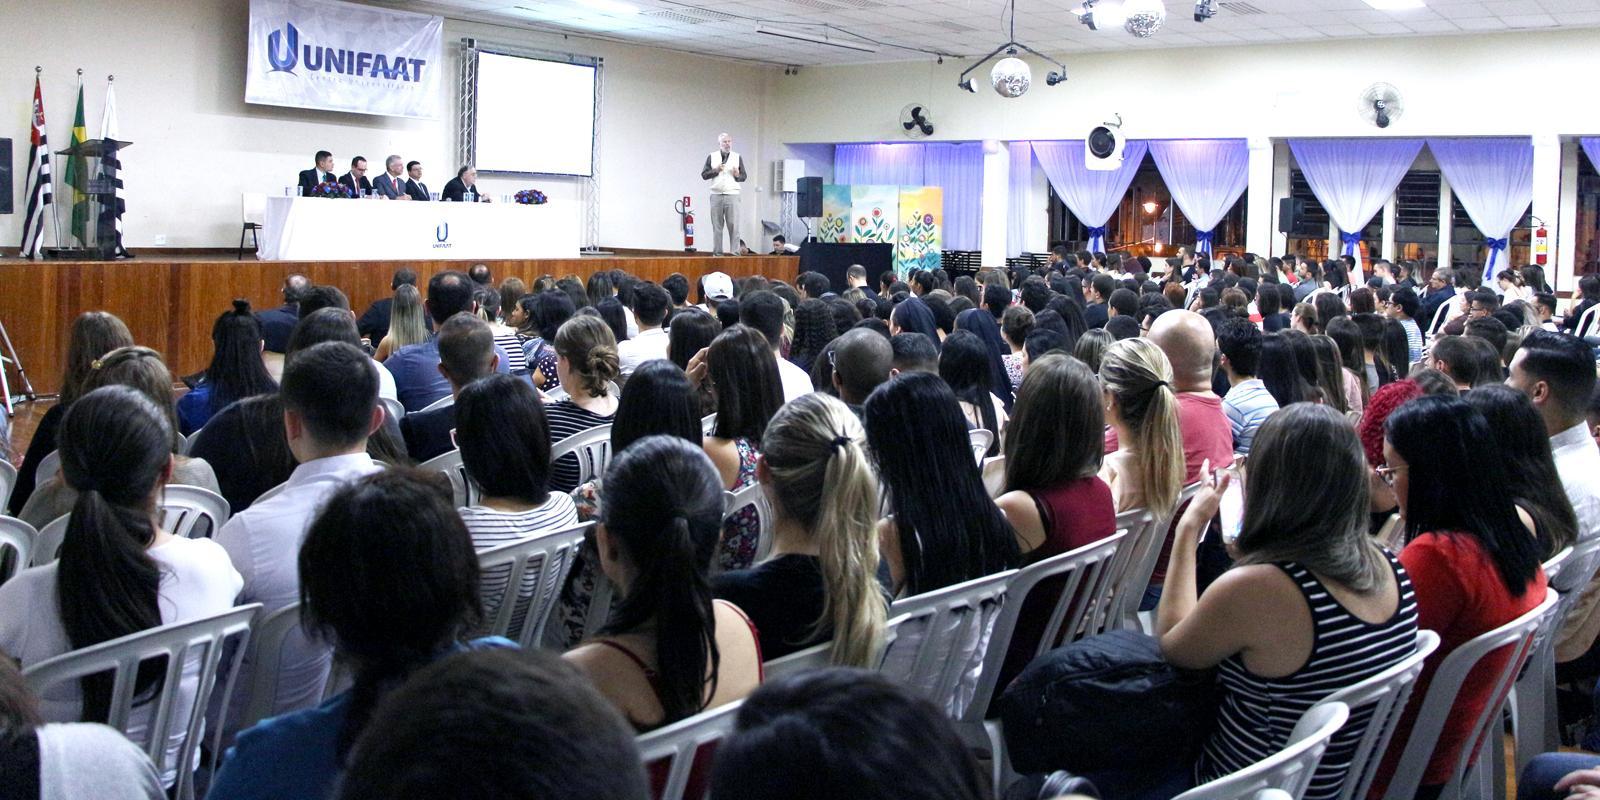 Semana de Negócios reúne temas da atualidade e renomados palestrantes